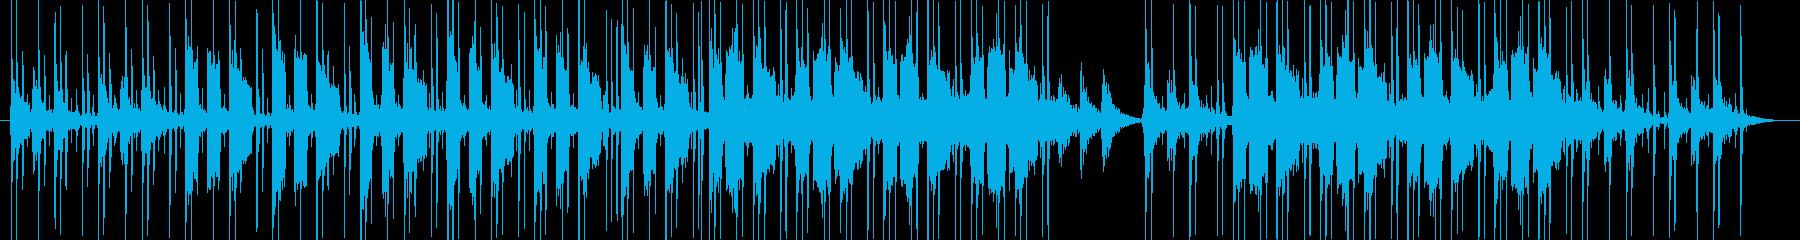 お洒落・チルアウト・ヒップホップの再生済みの波形